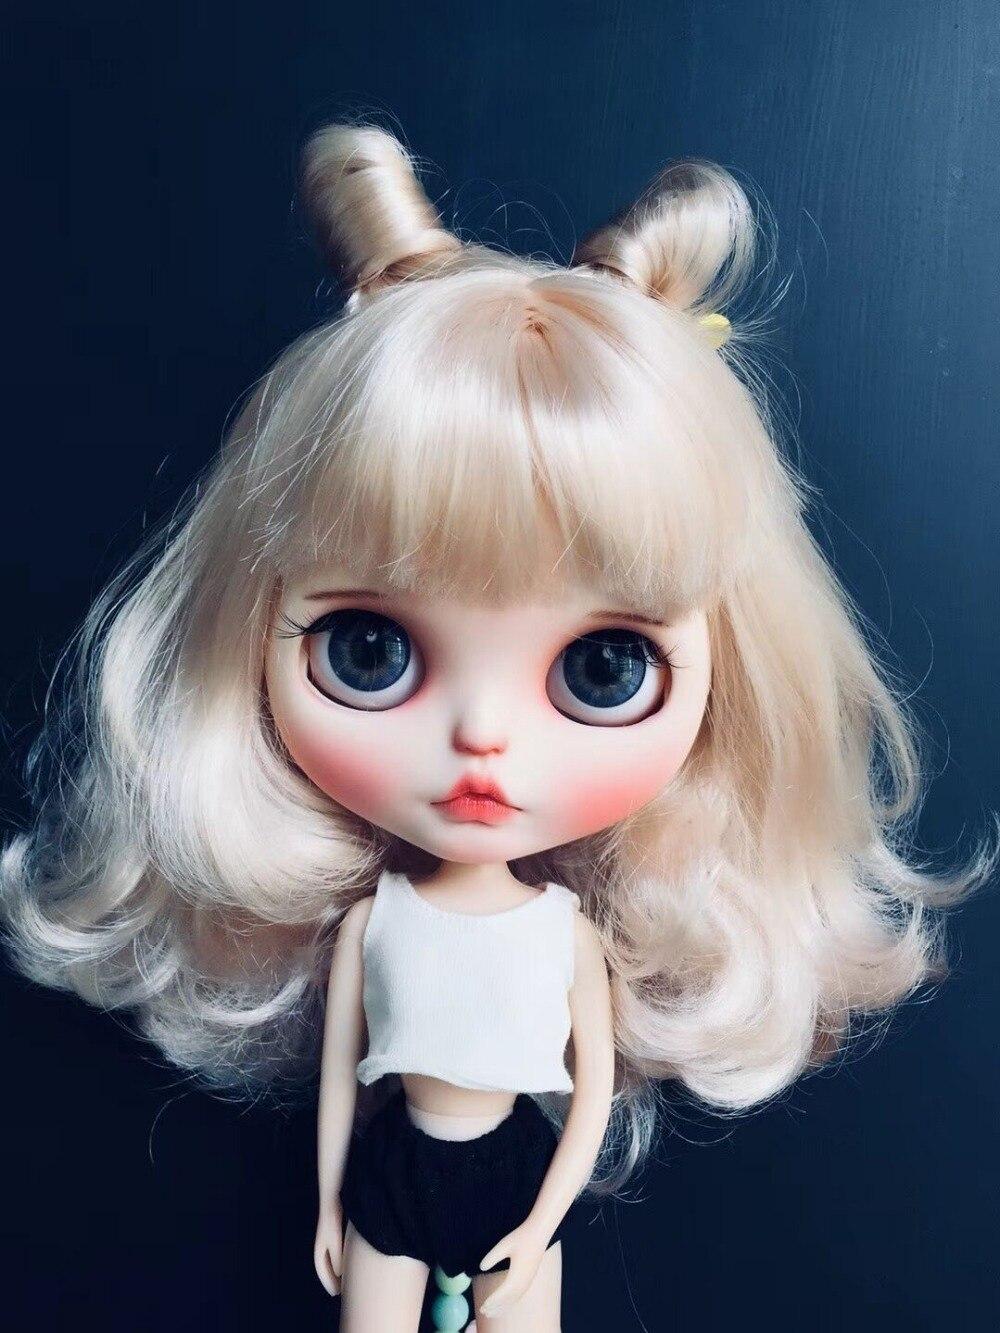 Muñeca de personalización DIY Nude blyth doll para niñas muñeca desnuda 20193 (no incluye ropa)-in Muñecas from Juguetes y pasatiempos    1